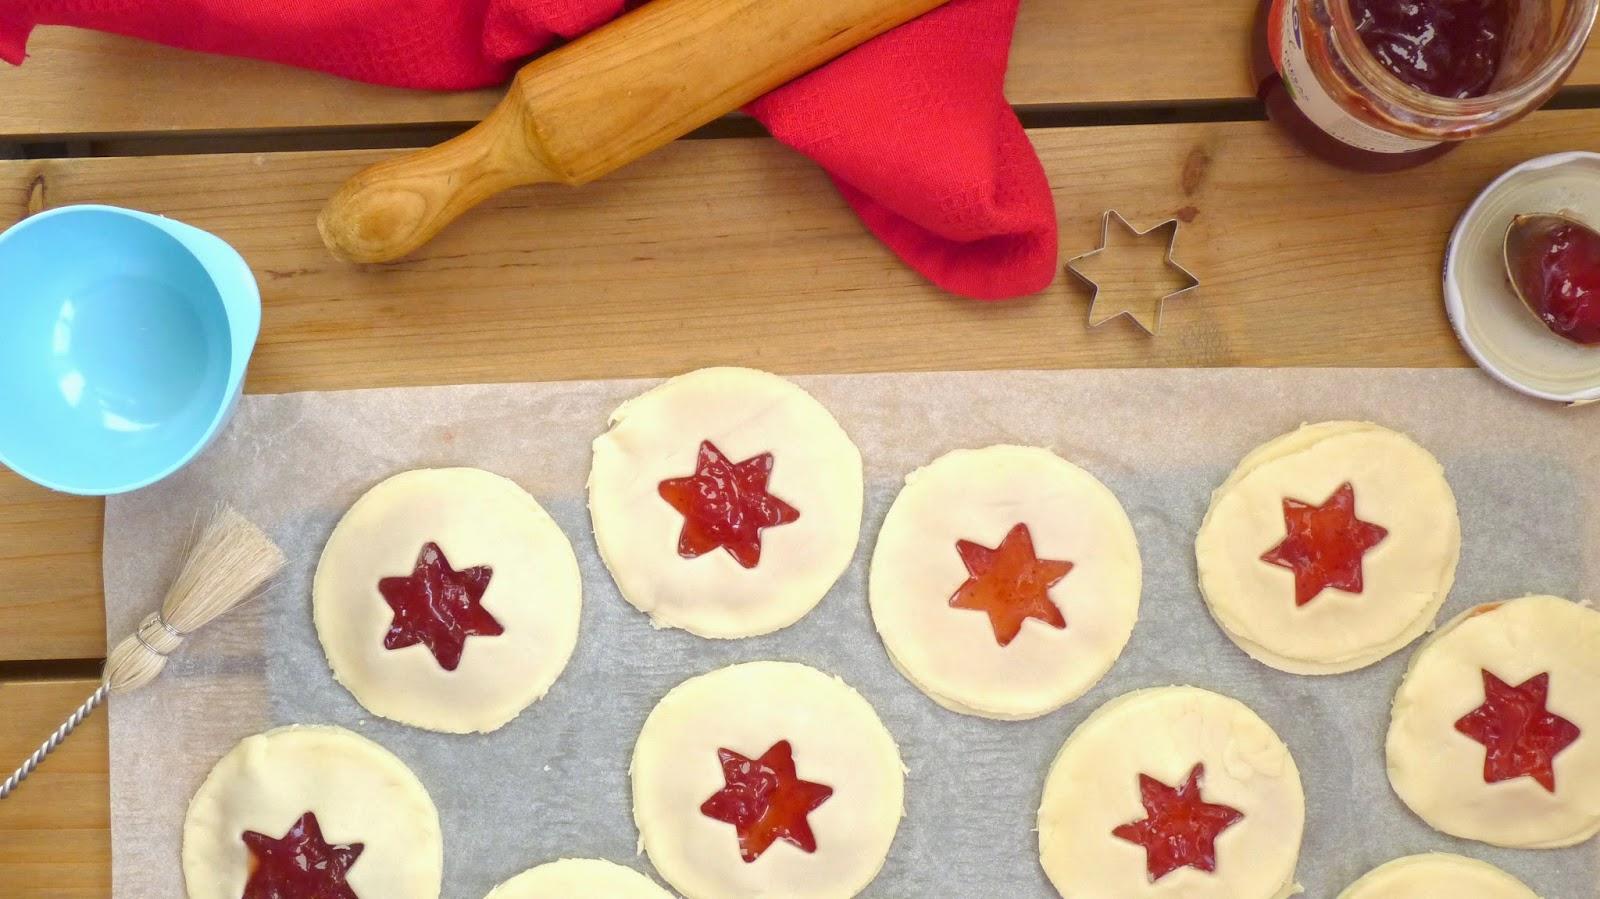 galletas navideñas de mermelada